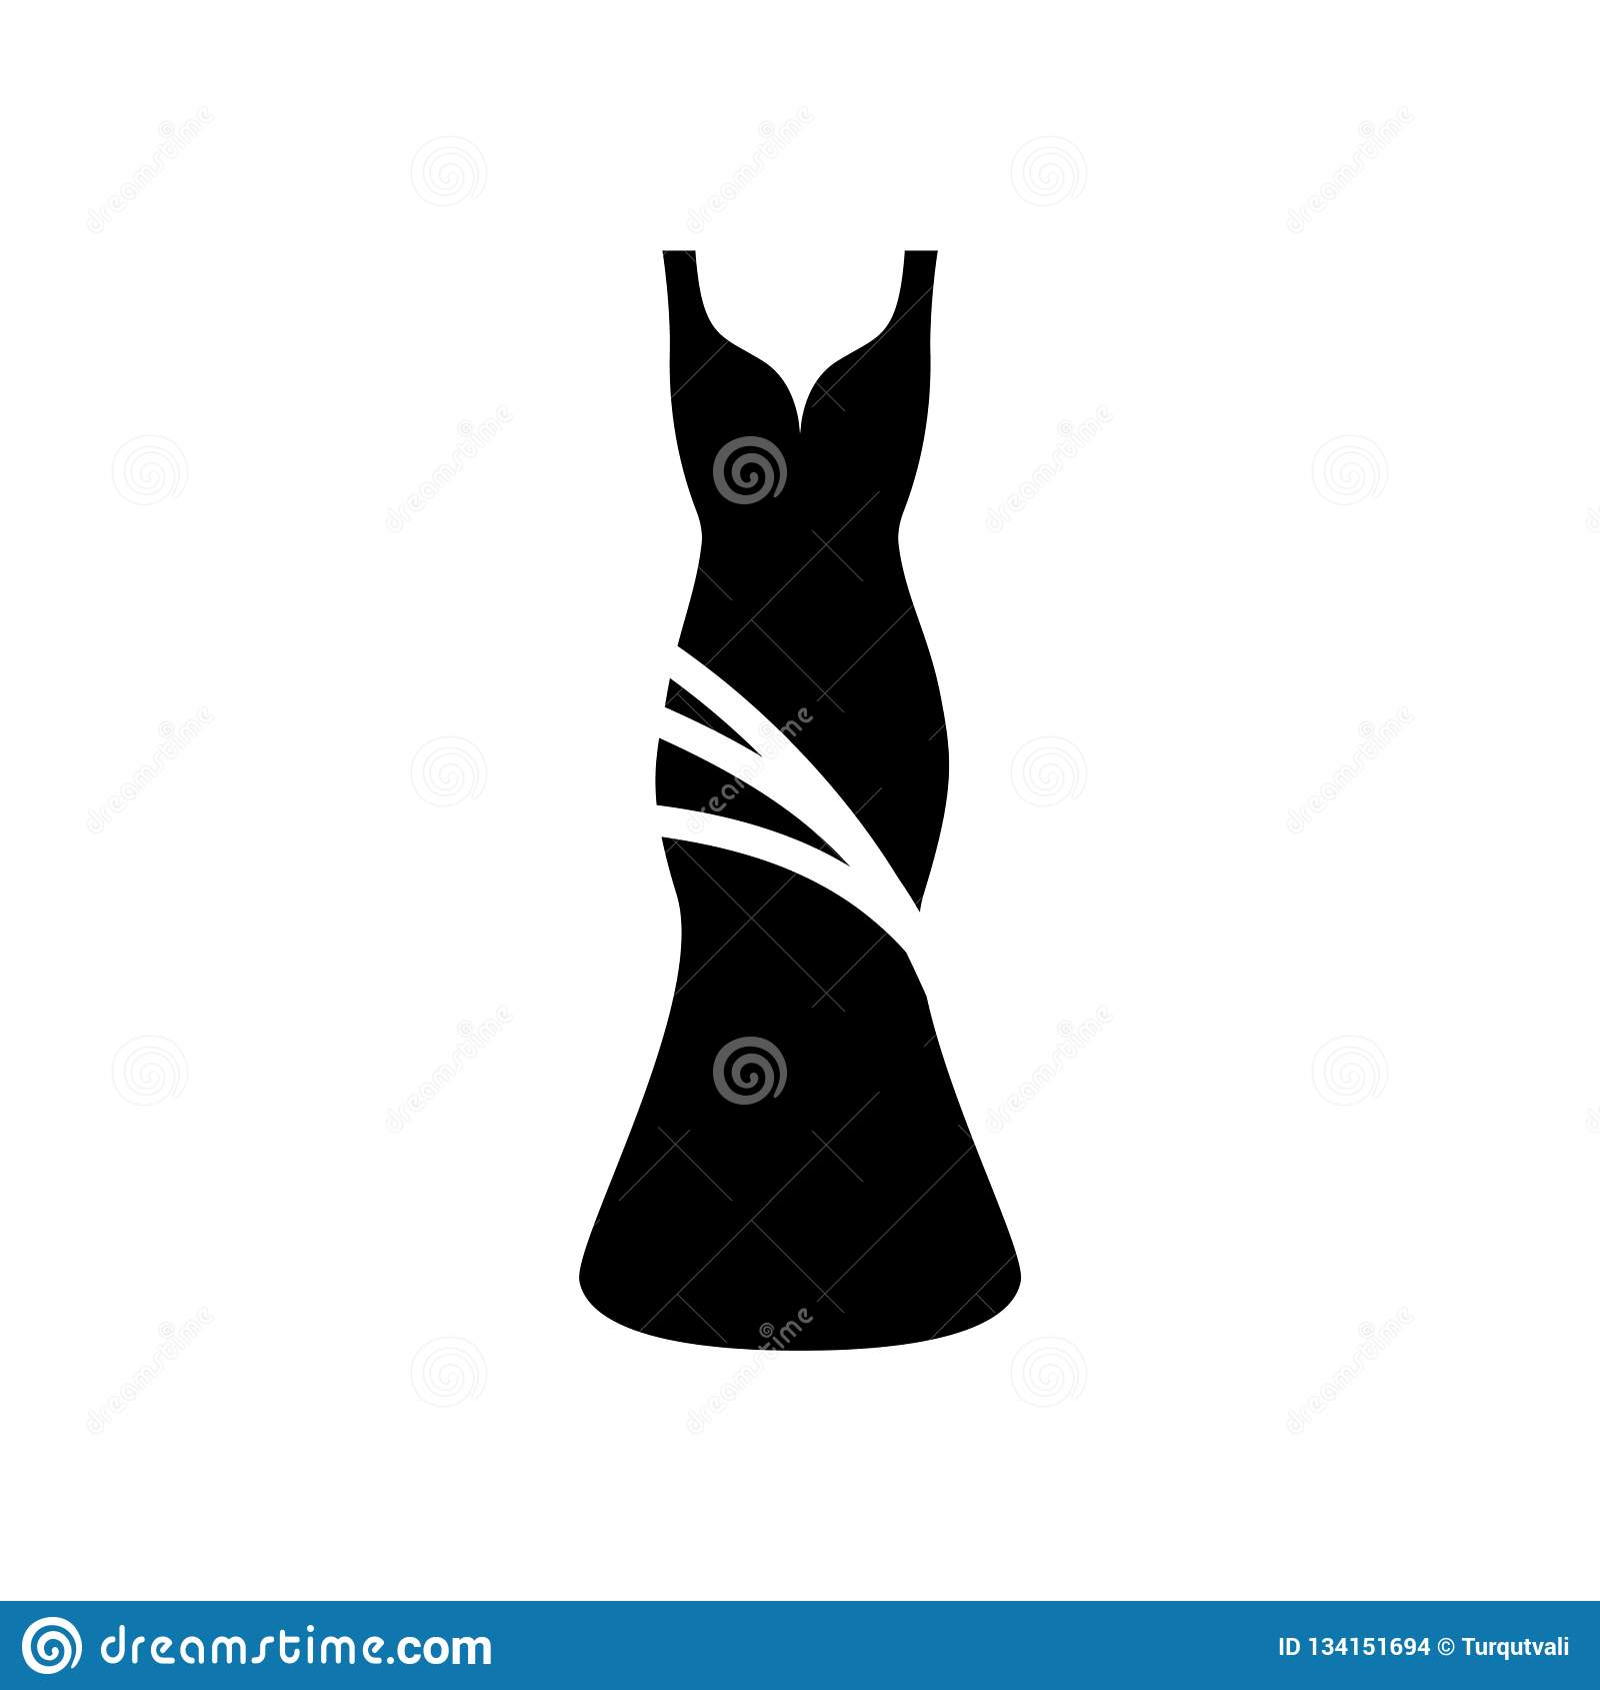 Vetor do ícone do vestido isolado no fundo branco, sinal do vestido, símbolos da cerveja